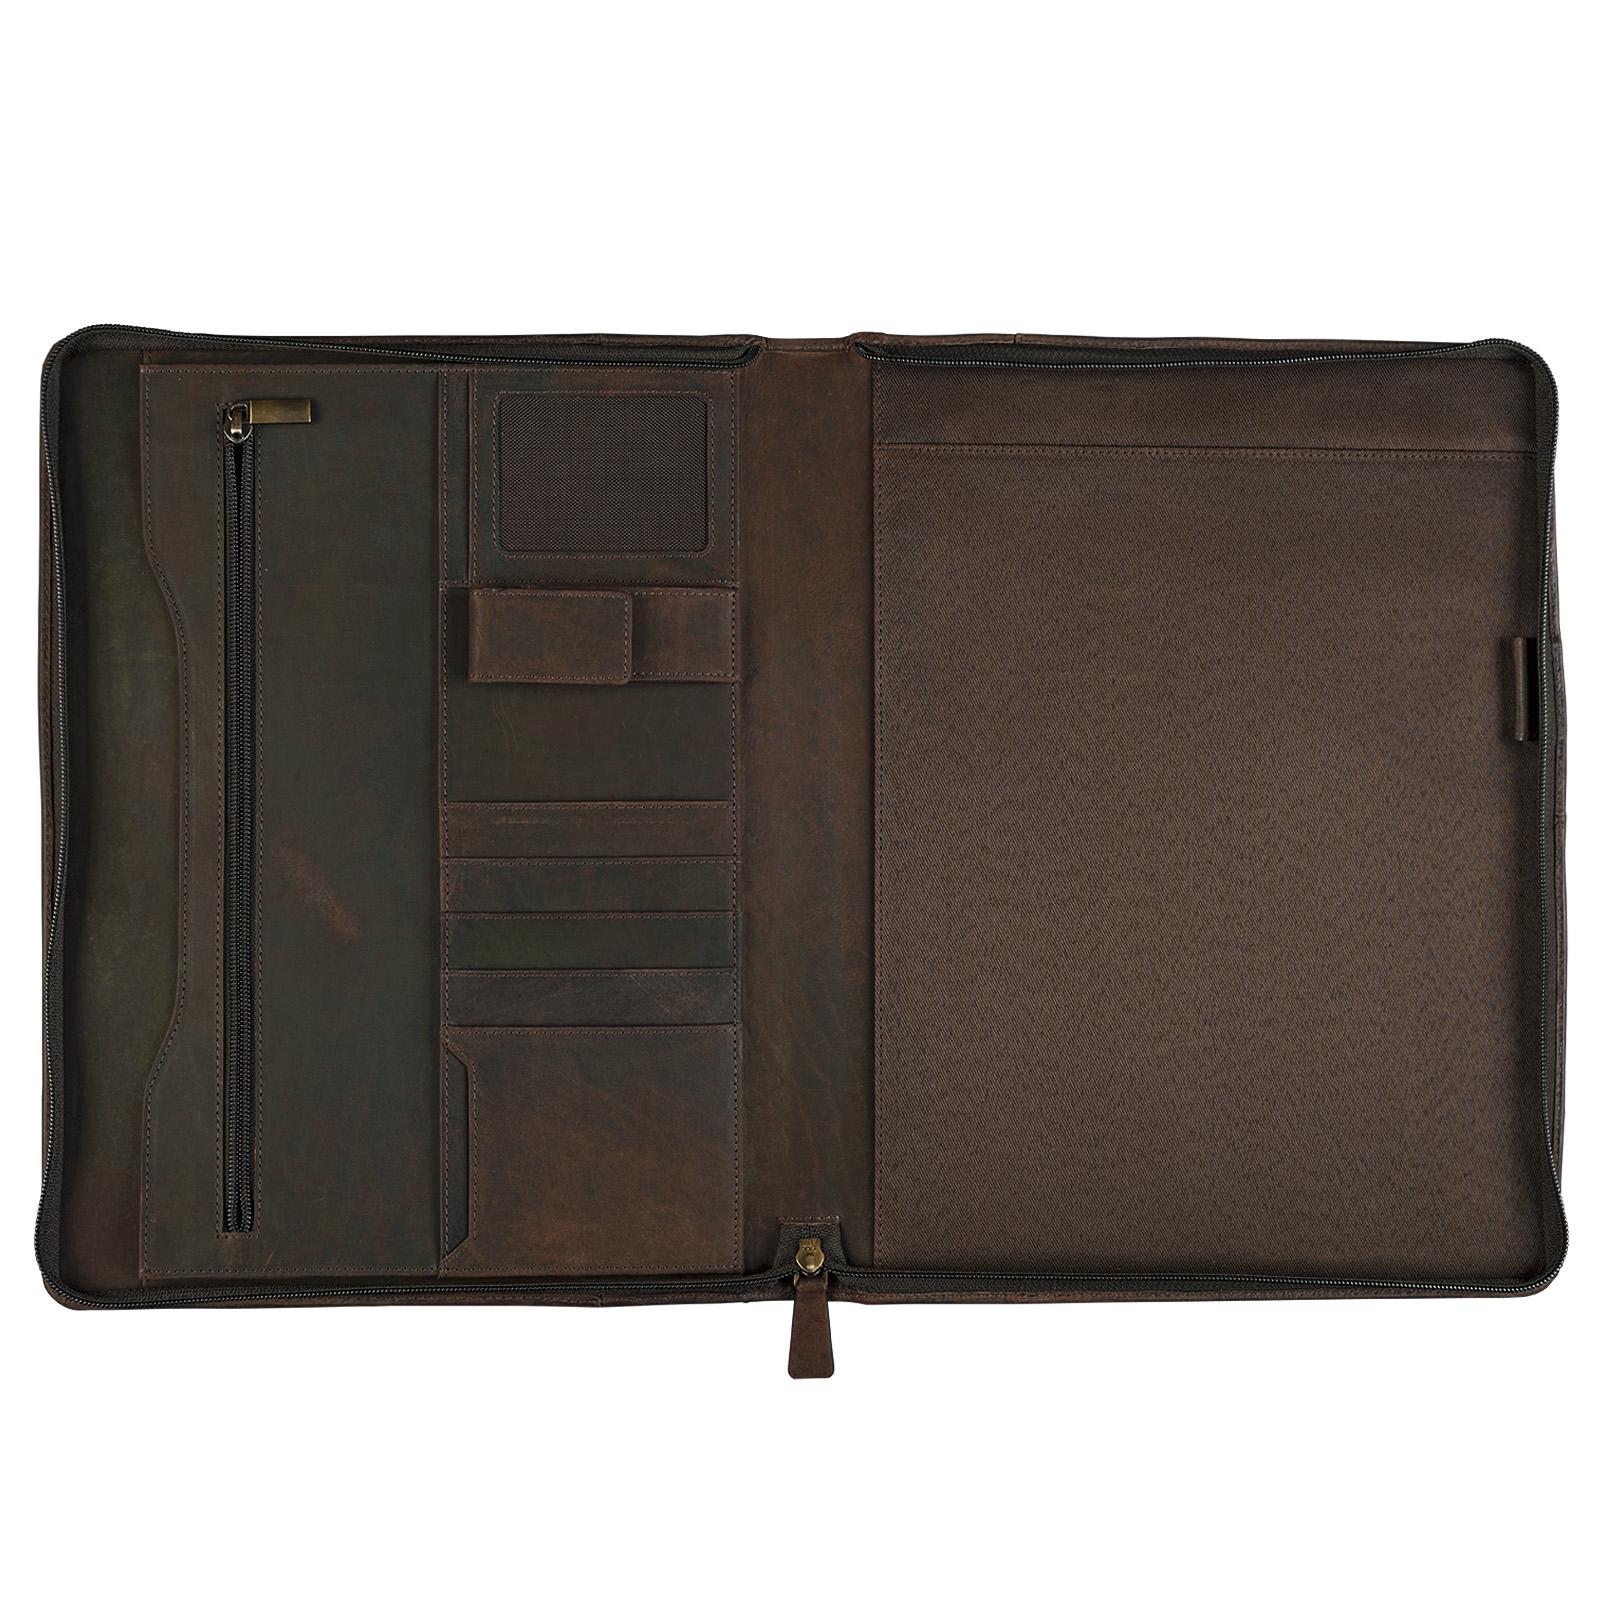 """STILORD """"Justus"""" Aktenmappe Leder mit Griff MacBooktasche 13,3 Zoll Schreibmappe Konferenzmappe Aktentasche Dokumentenmappe mit Henkel echtes Leder - Bild 10"""